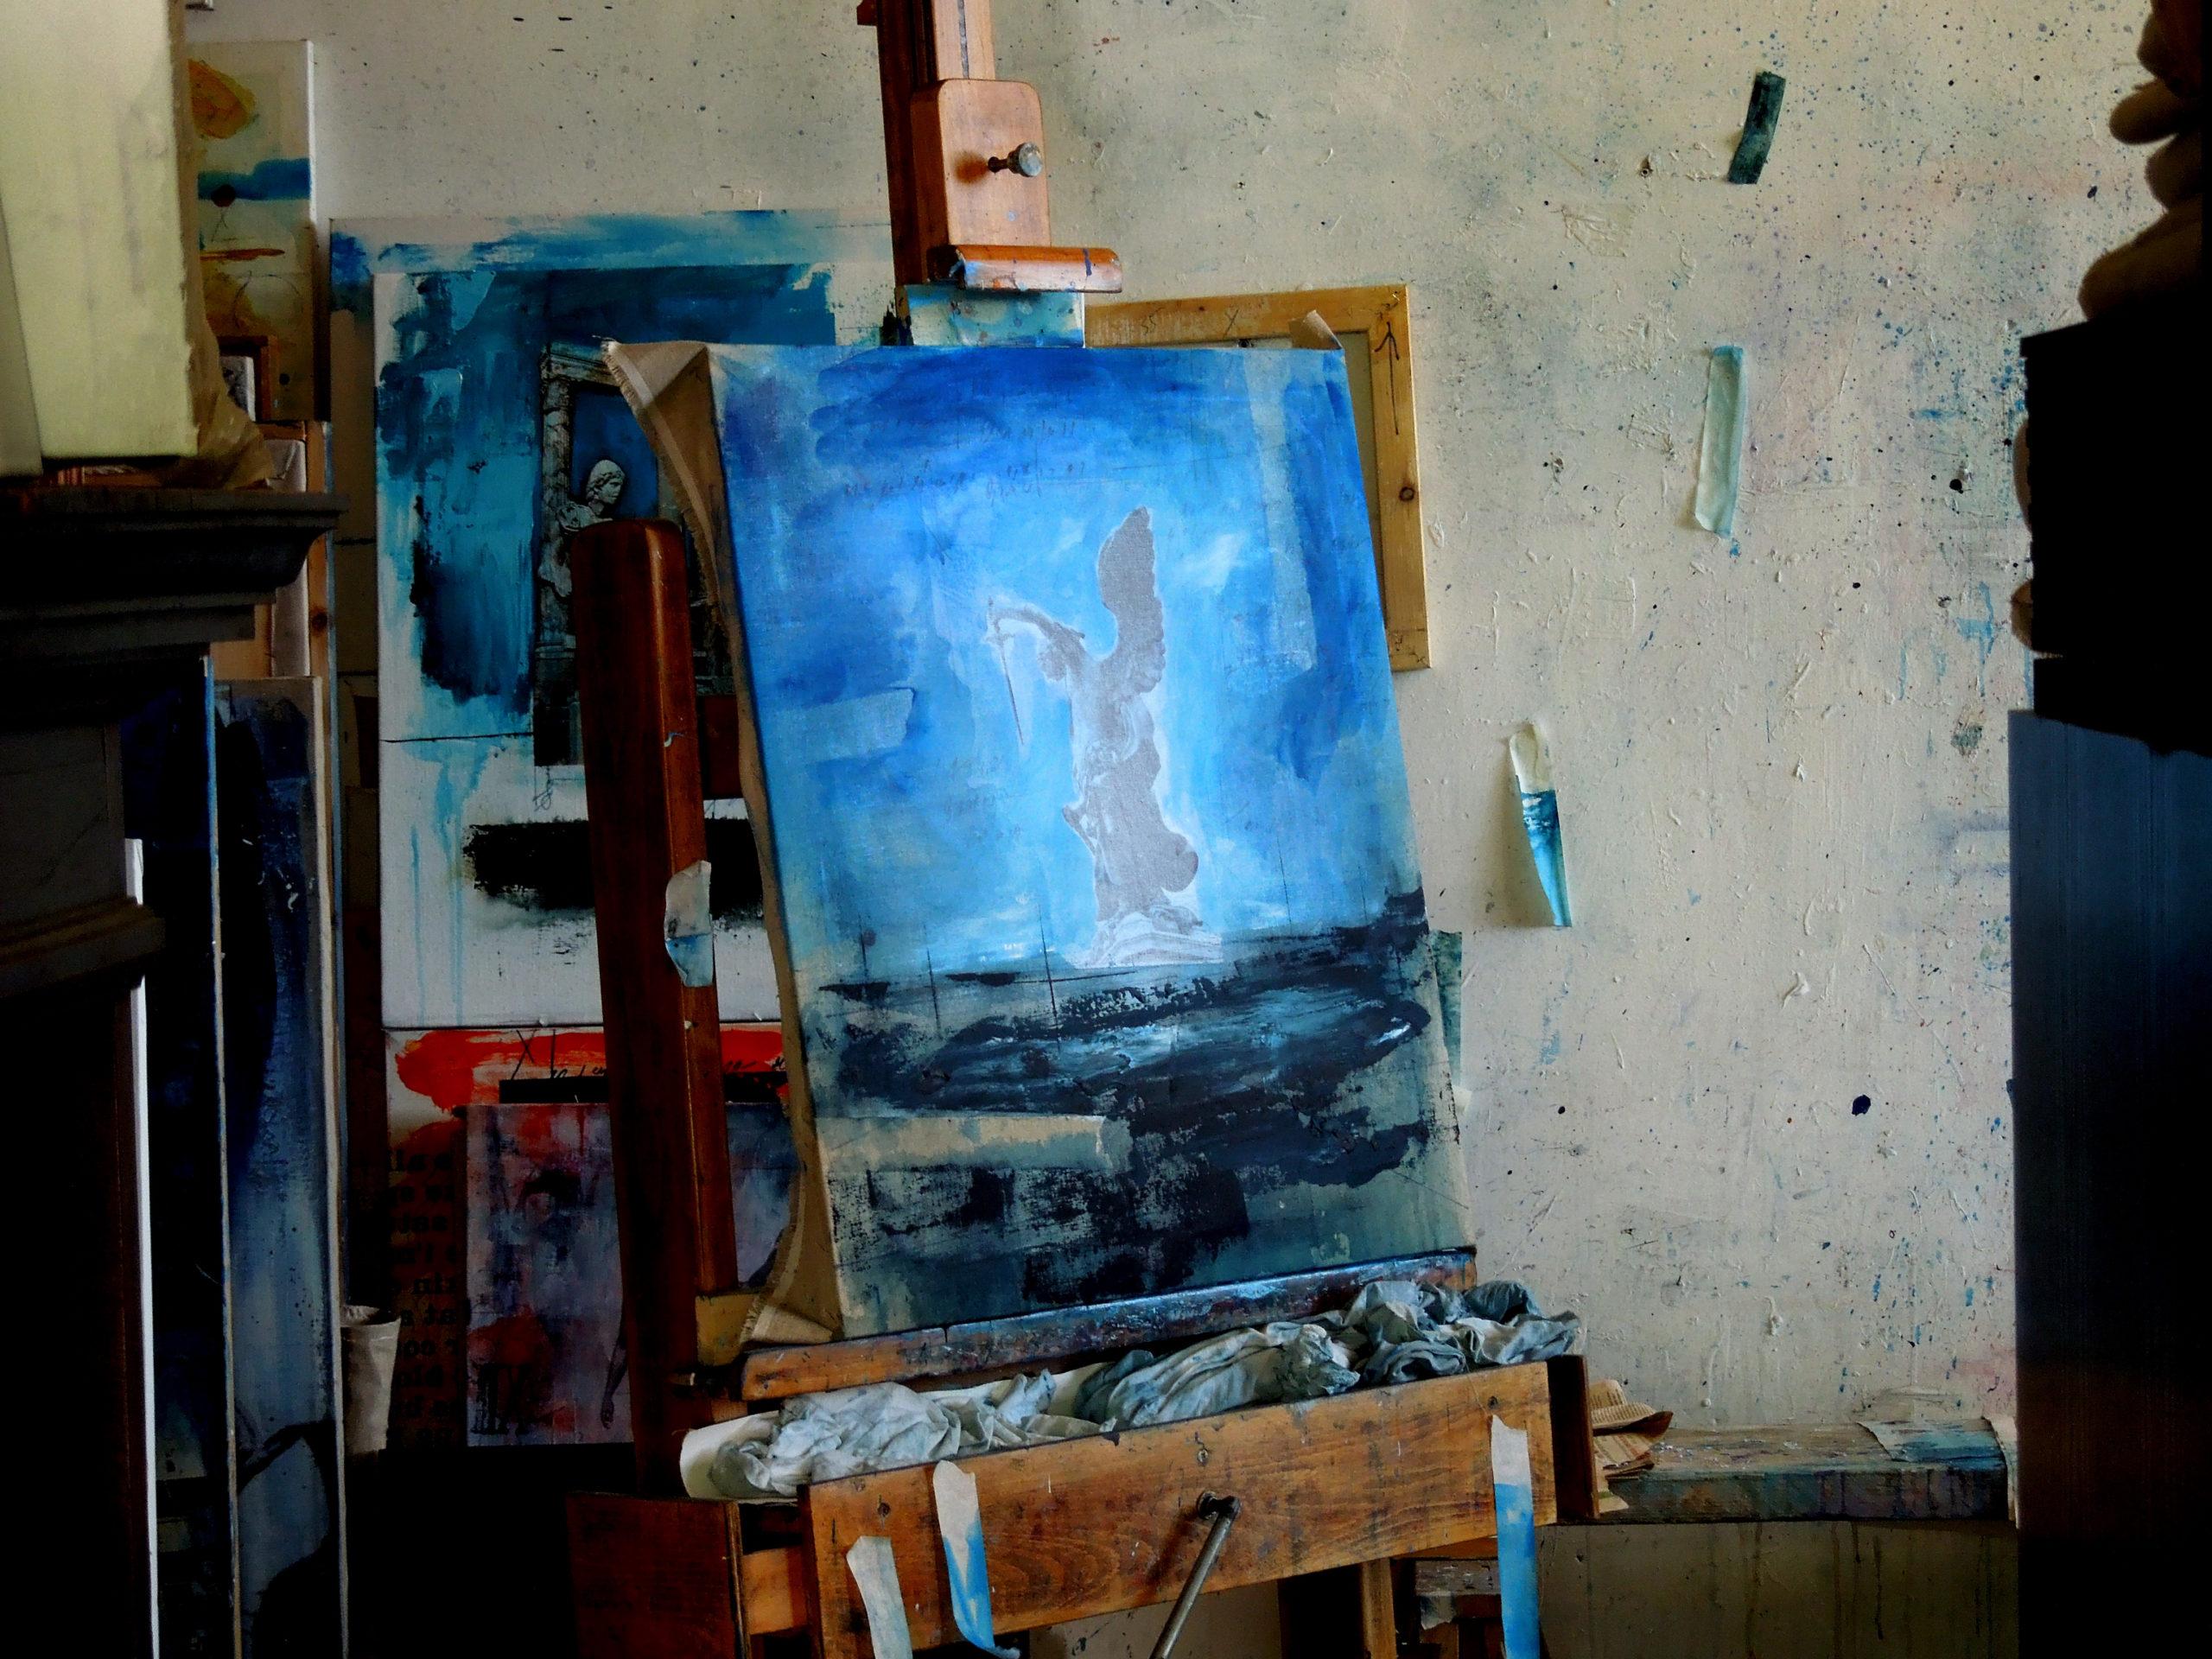 Mirko Pagliacci Studio 2020, a